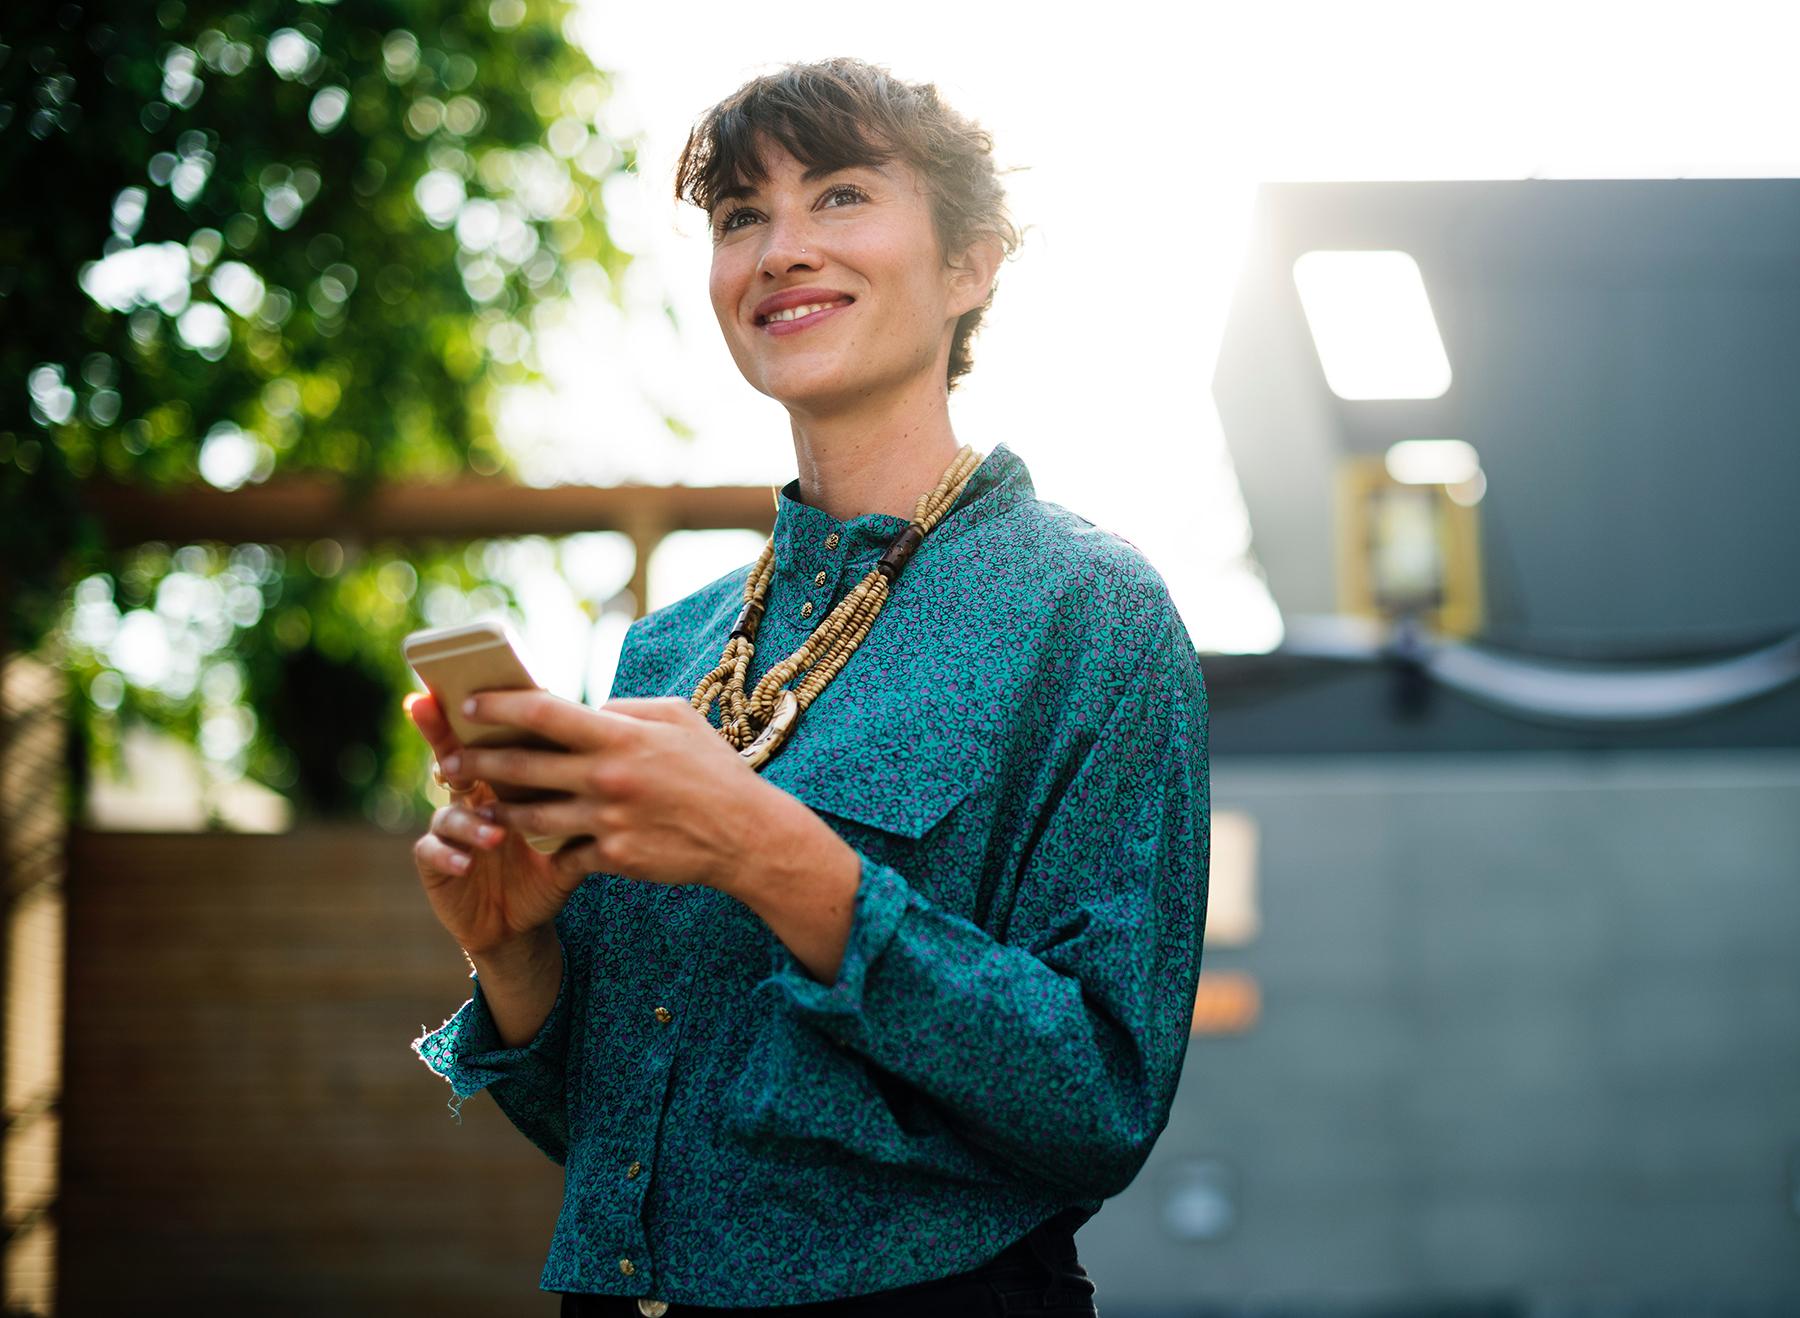 Quatre conseils pour prendre les meilleures photos avec votre téléphone intelligent